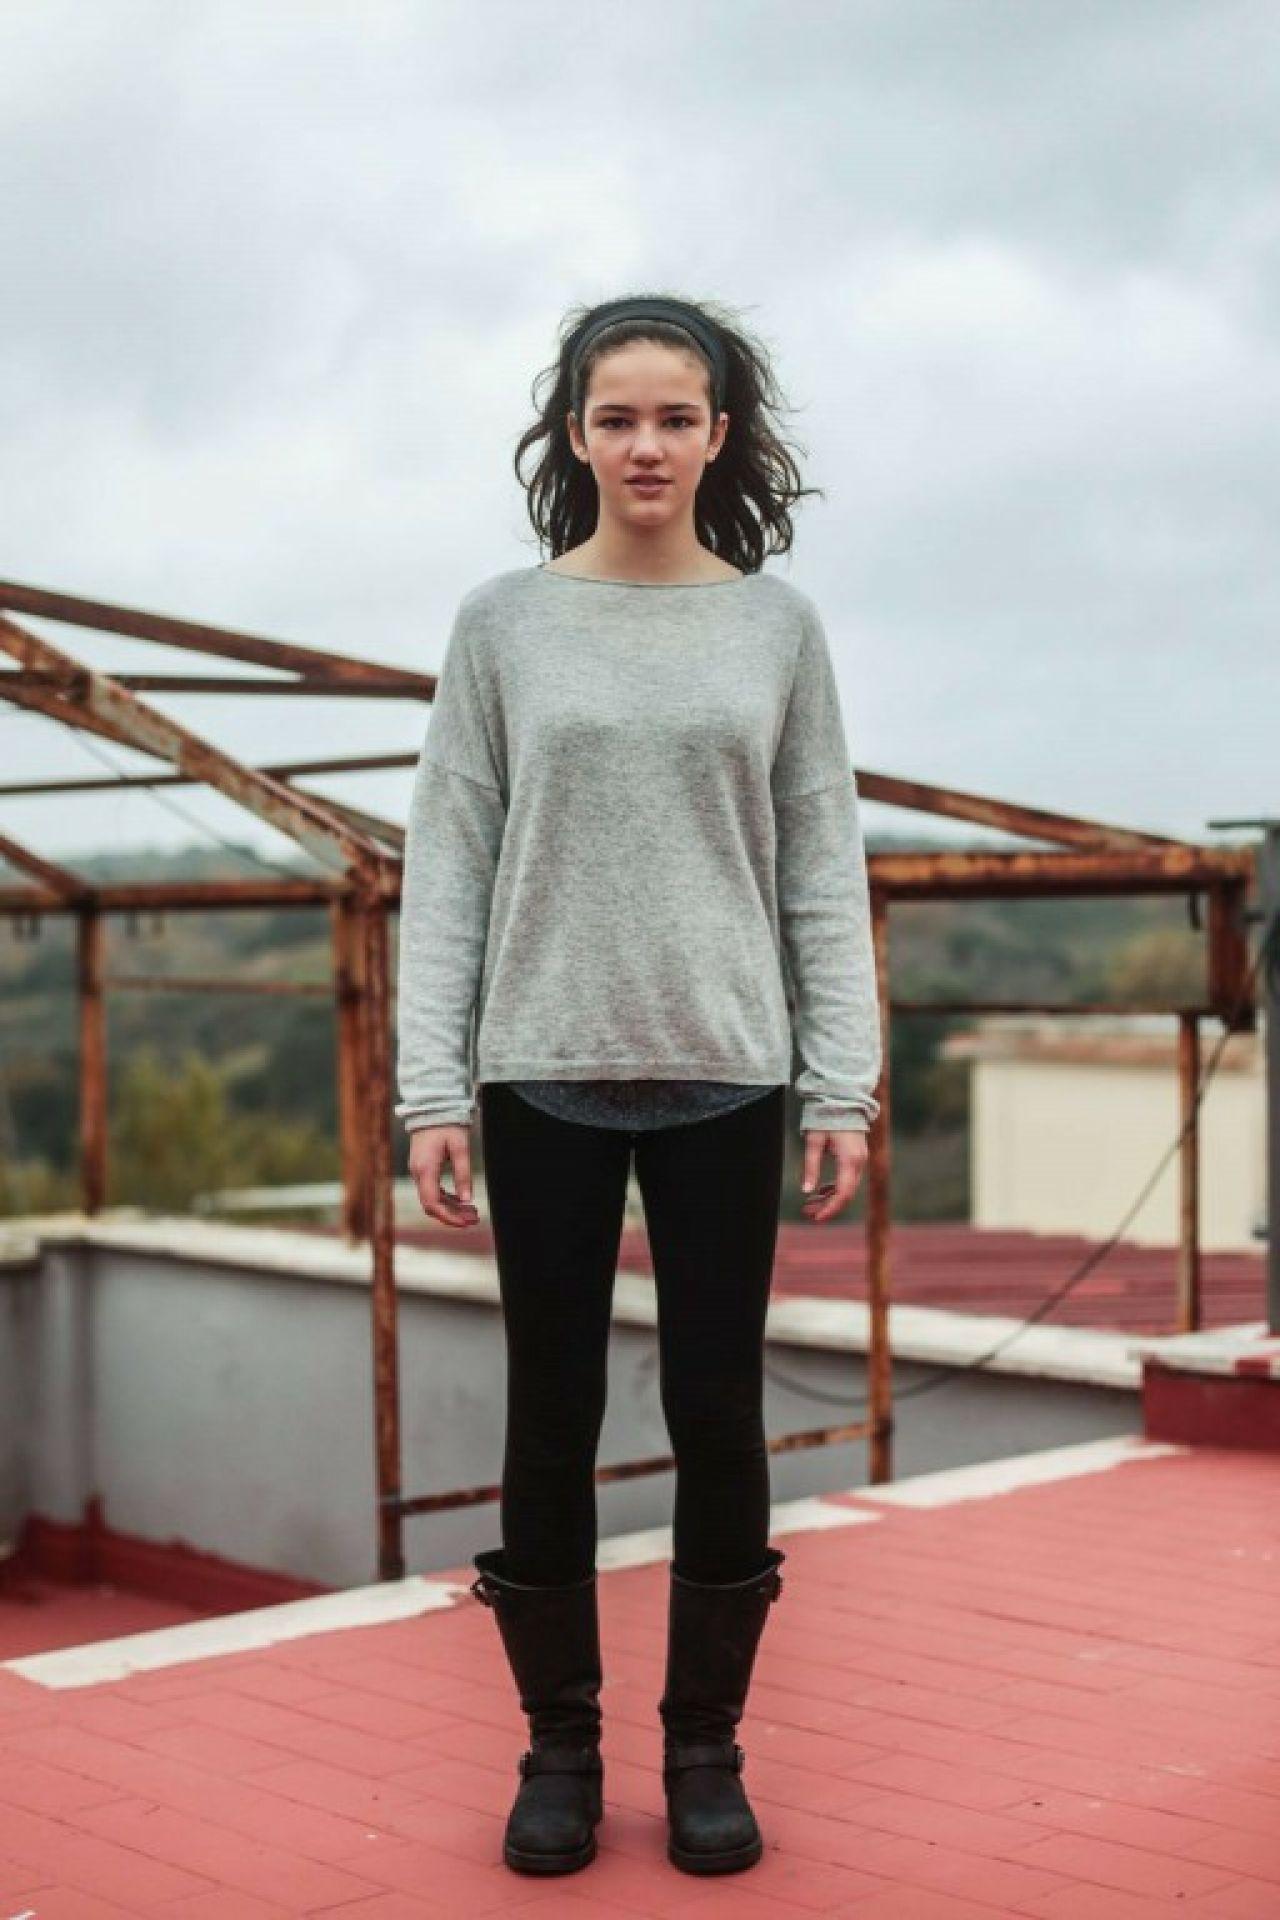 Emma Minichiello